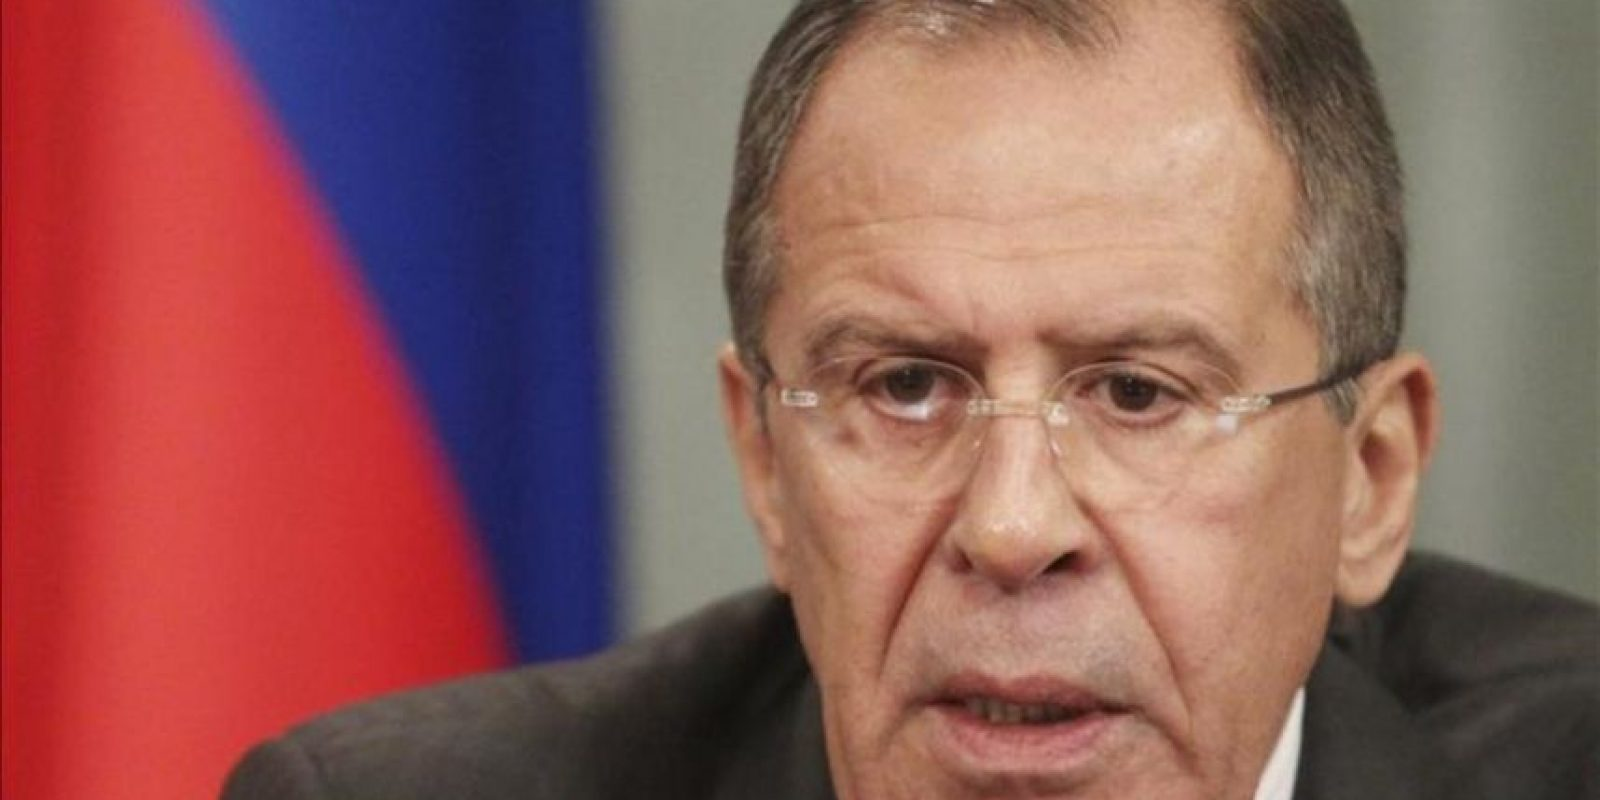 El ministro ruso de Asuntos Exteriores, Sergei Lavrov. EFE/Archivo